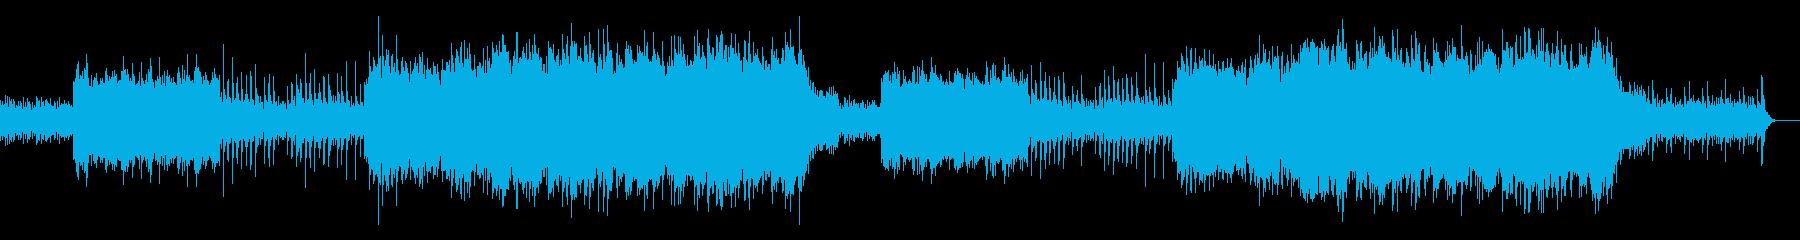 Primulaの再生済みの波形